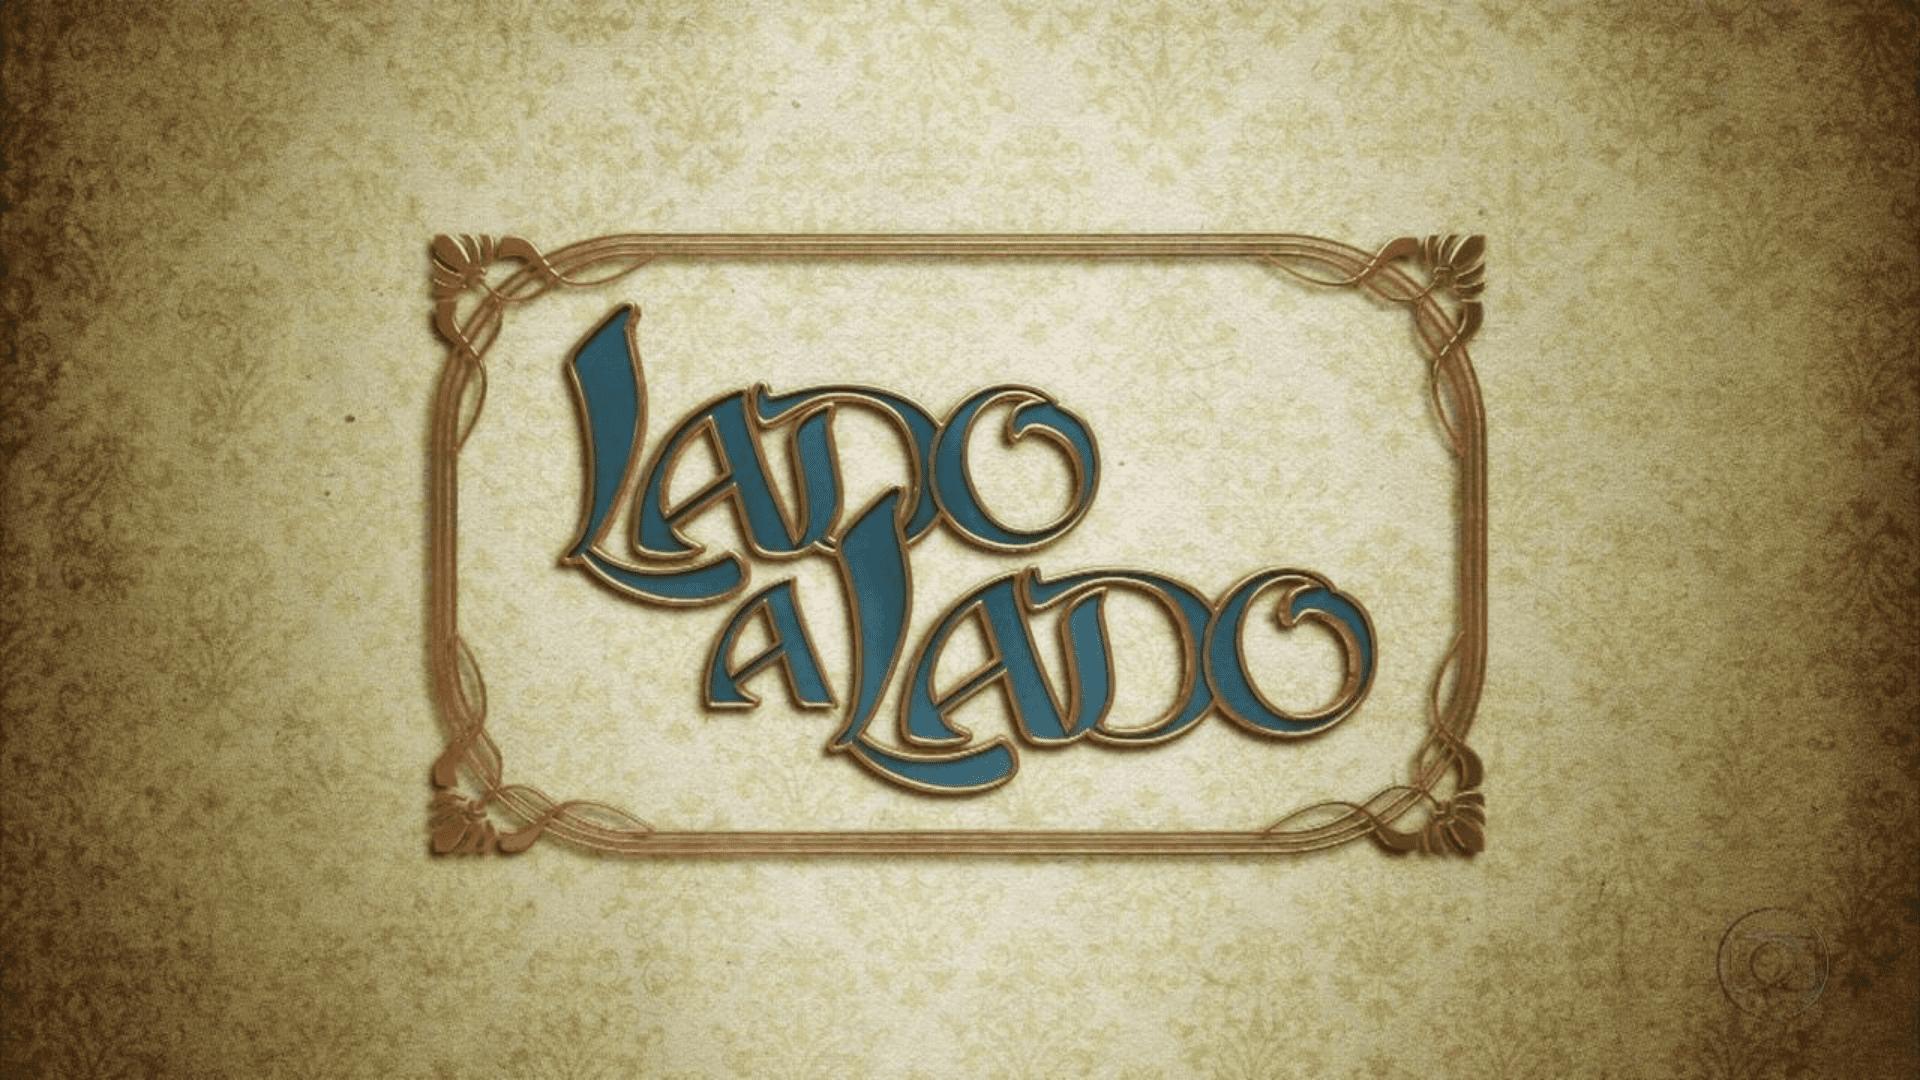 Novela Lado a Lado (Imagem: Divulgação/Globo)